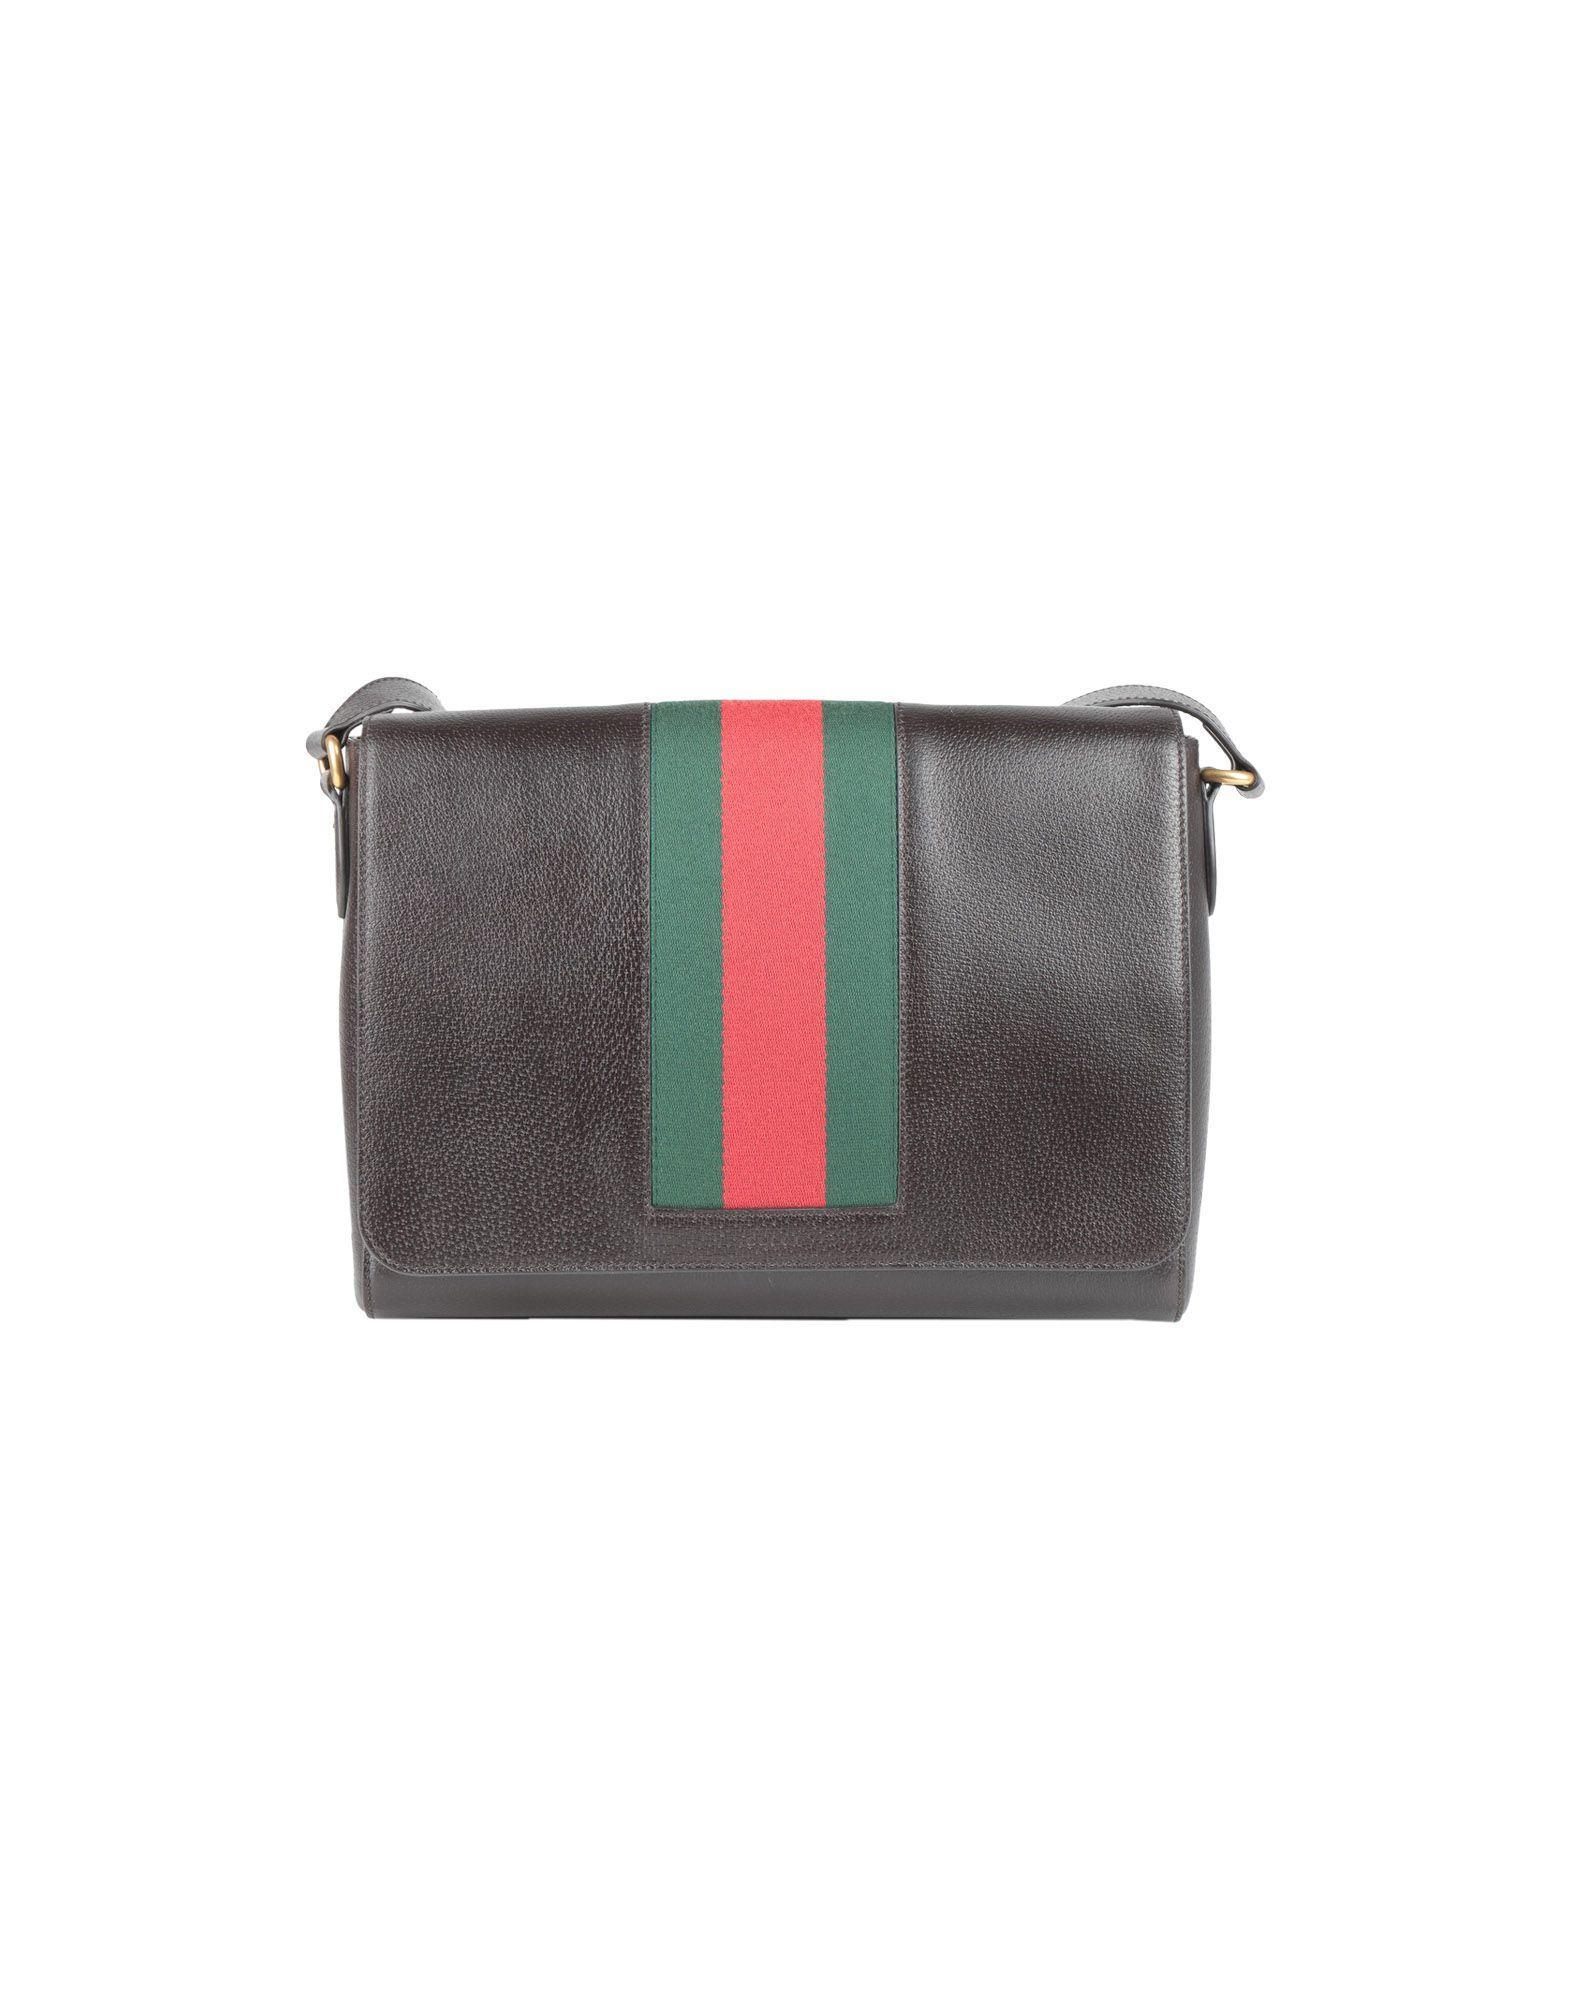 792cd9cec755 Женские сумки через плечо Gucci купить в интернет магазине ...